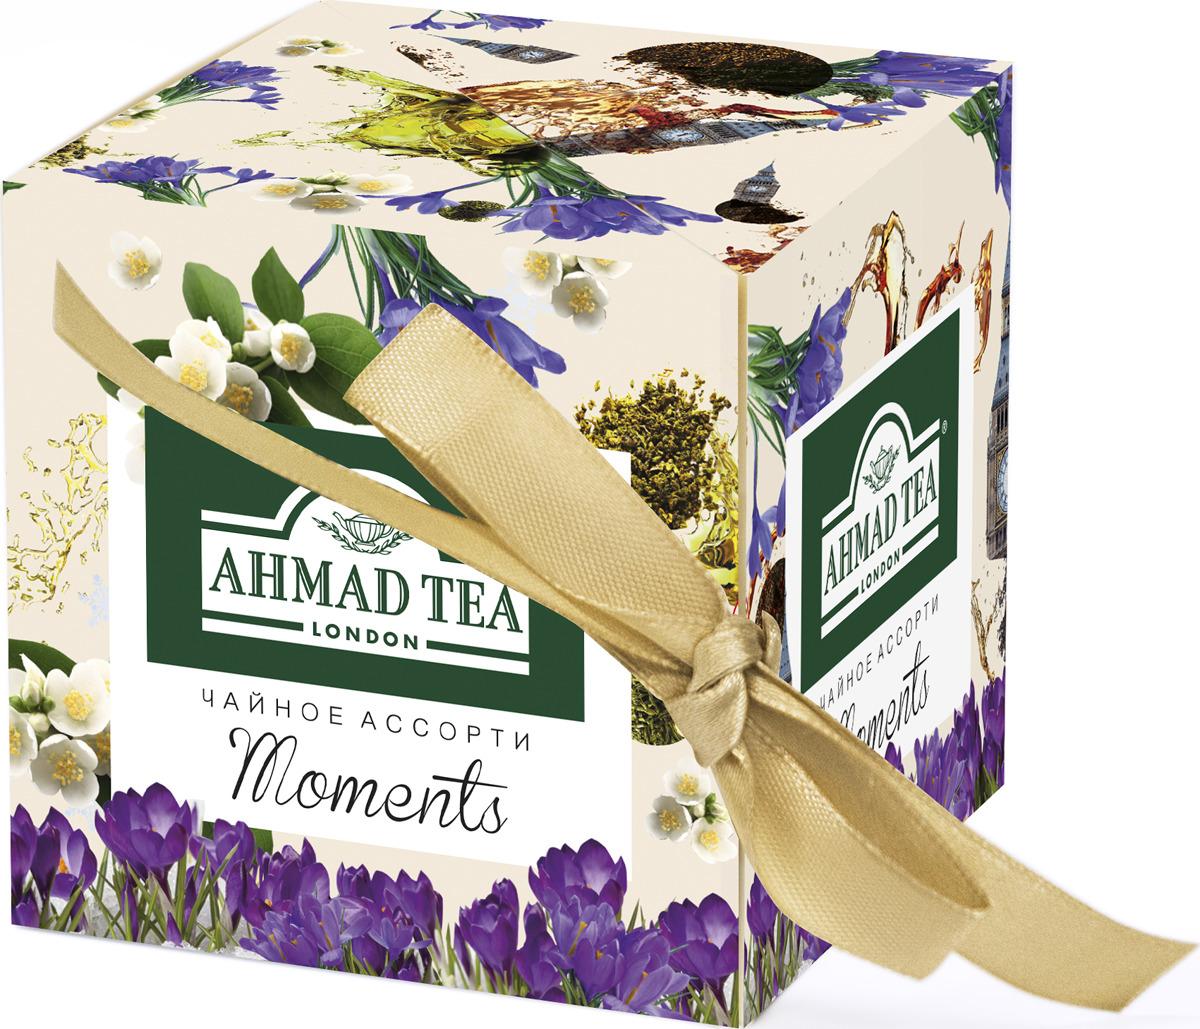 Набор Ahmad Tea Моментс: черный листовой чай, со вкусом и ароматом бергамота, 30 г + зеленый листовой чай, со вкусом и ароматом жасмина, 30 г shere tea престижная коллекция pekoe чай черный листовой 250 г